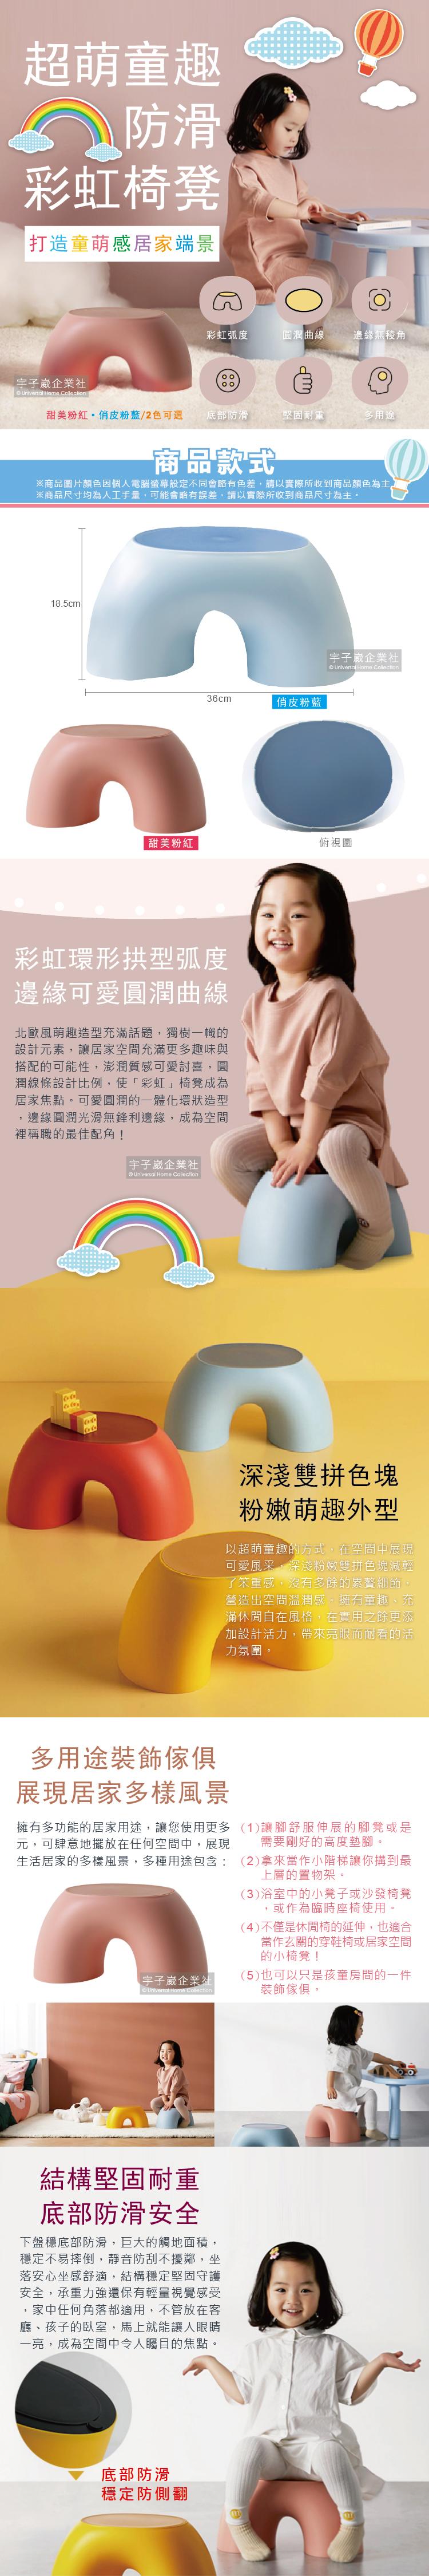 超萌童趣防滑彩虹椅凳介紹圖